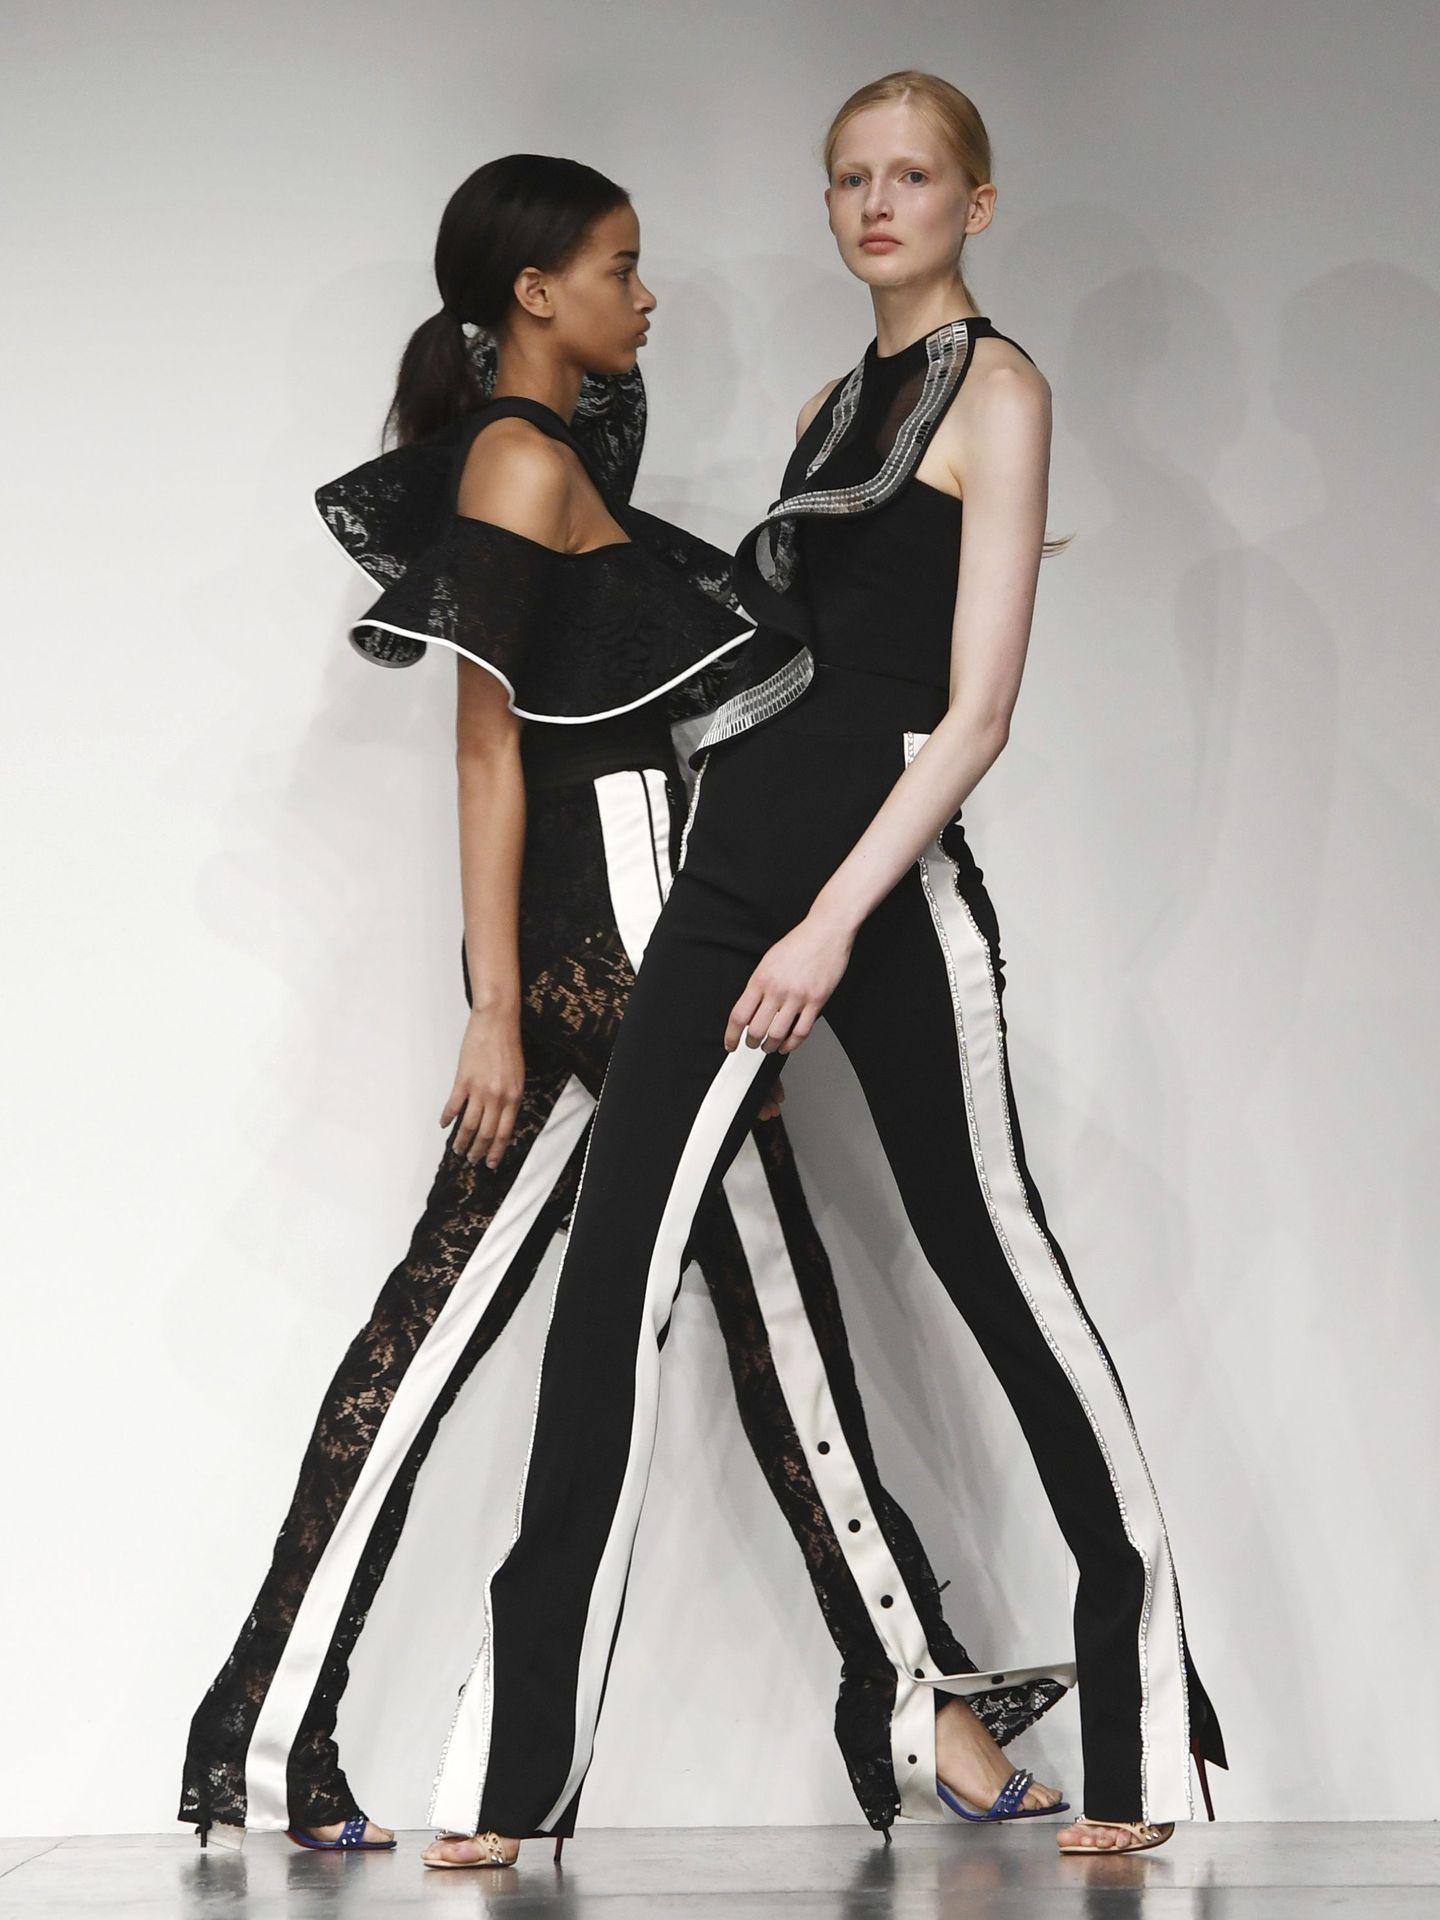 Modelos con las creaciones del diseñador David Koma en la Semana de la Moda de Londres de 2017. (EFE)